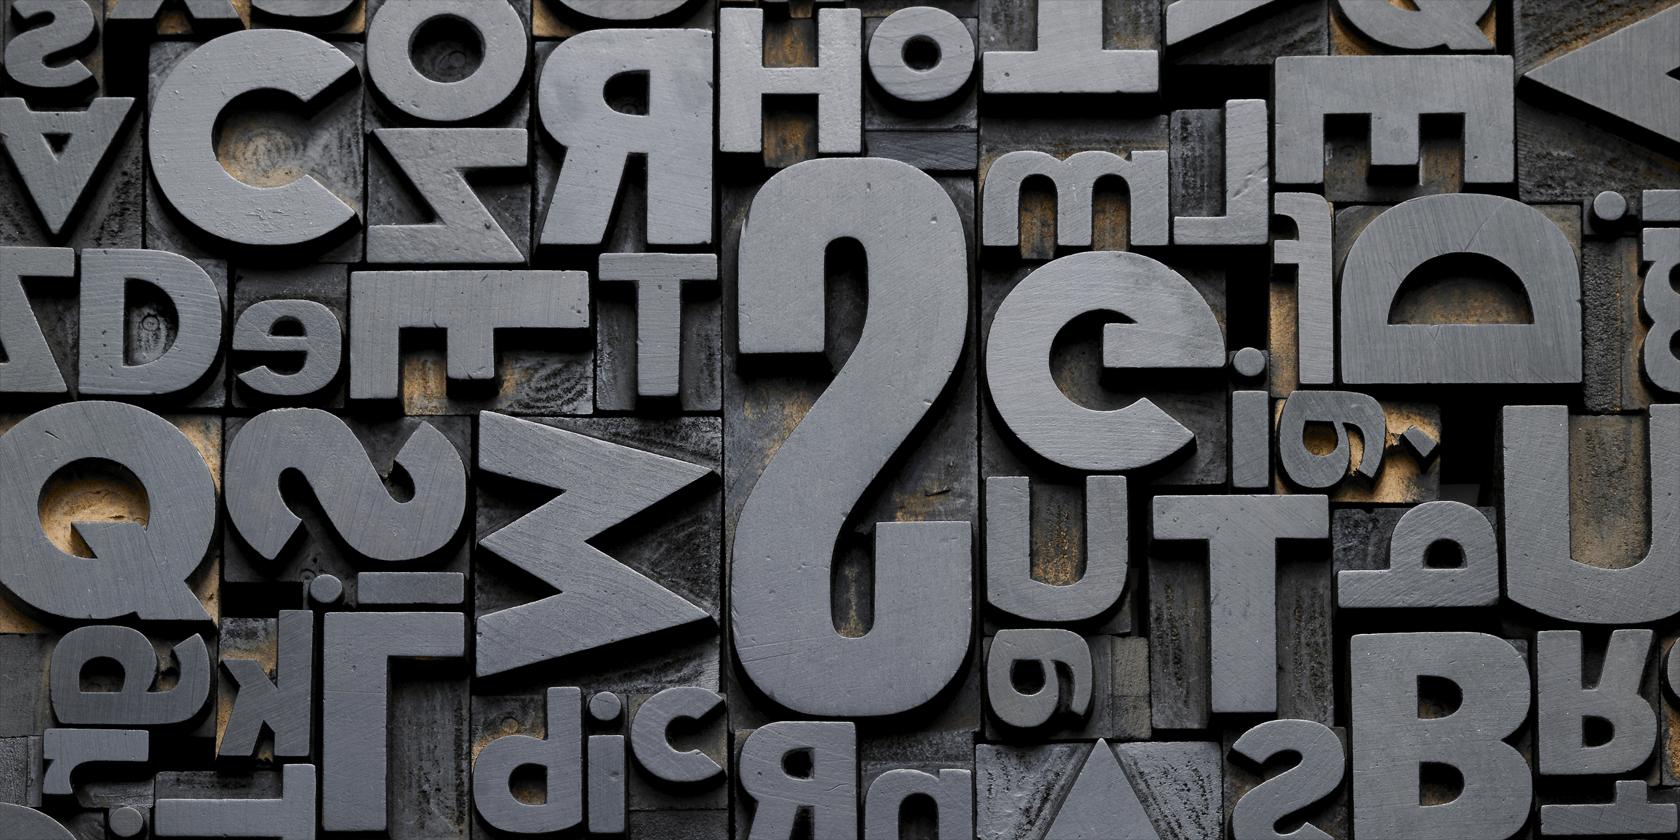 Wie man irgendeine Schriftart auf irgendeiner Webseite die einfache Art